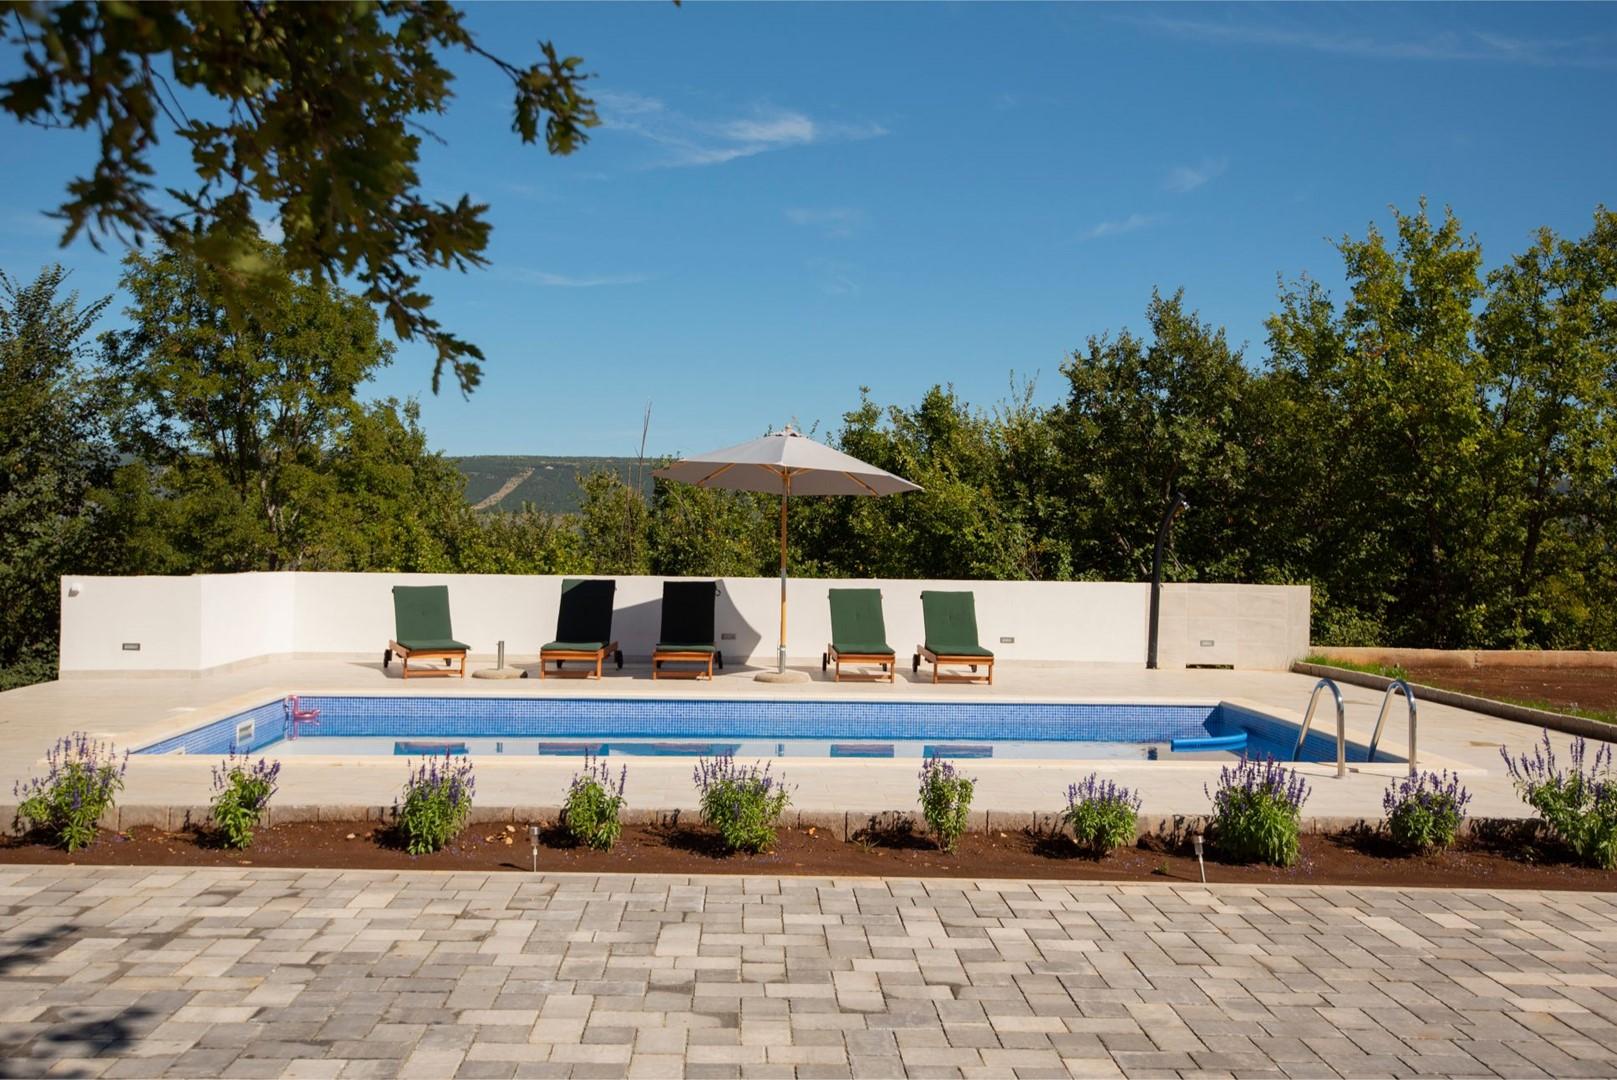 Ferienhaus ctim298-Modernes Ferienhaus mit Pool für 4+2 Personen (2639599), Kamenmost, , Dalmatien, Kroatien, Bild 15